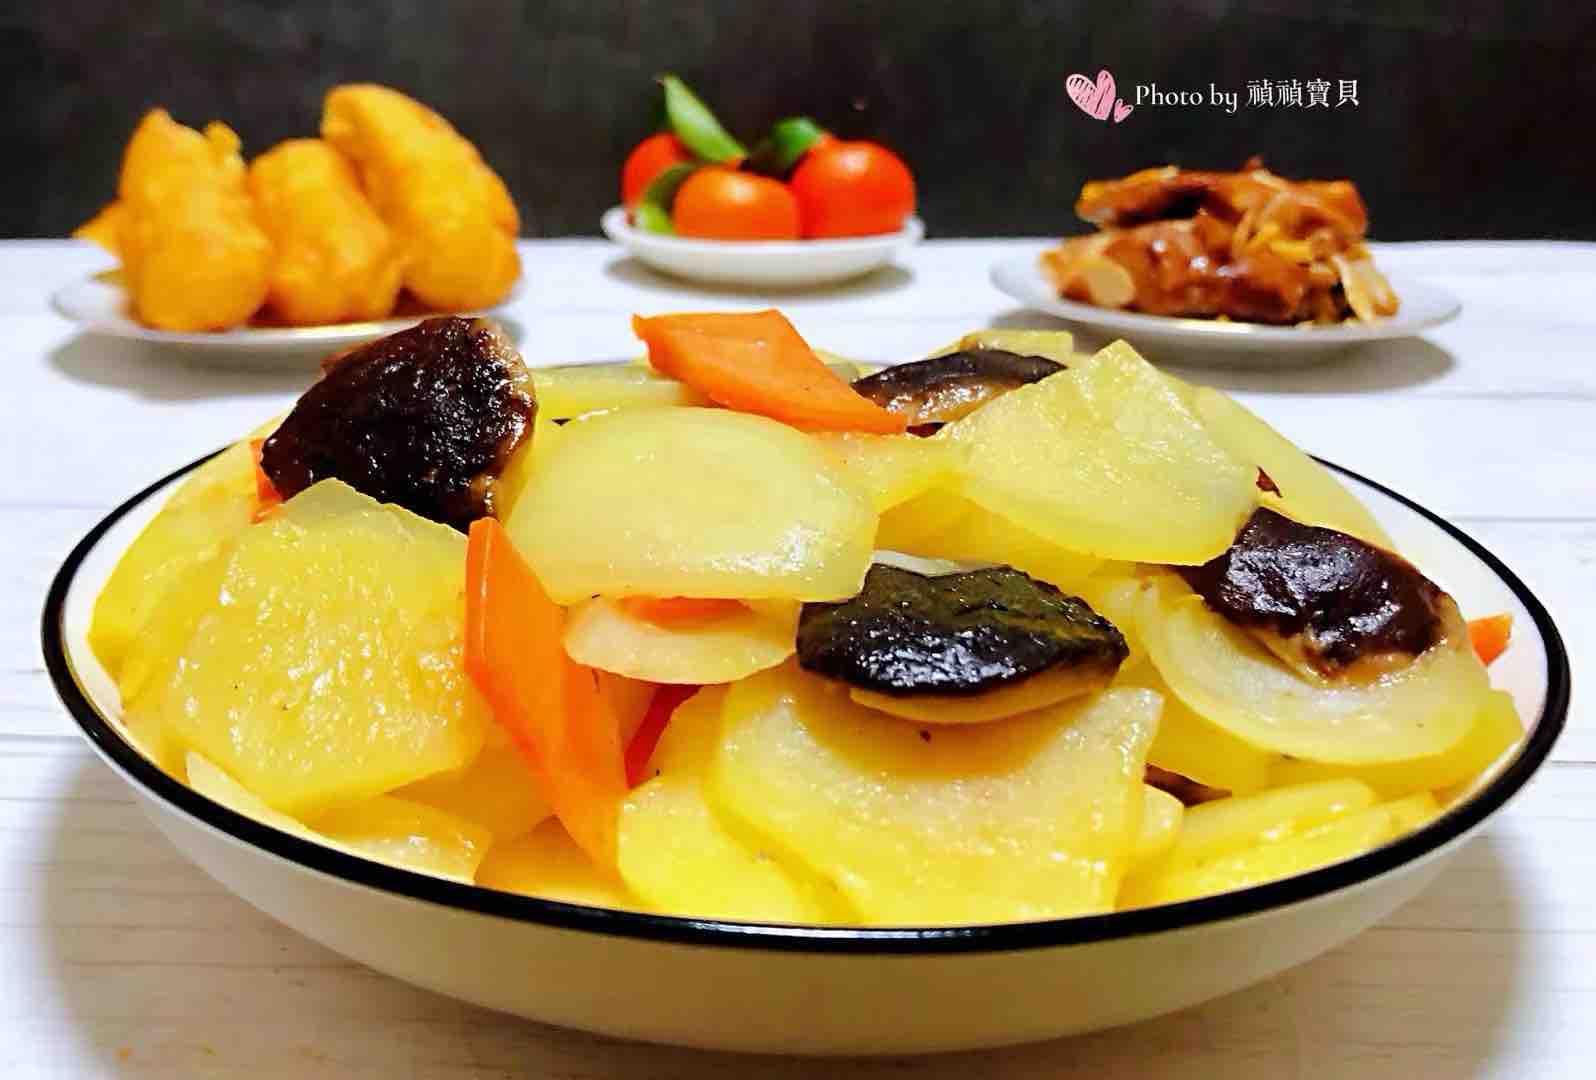 洋葱香菇胡萝卜炒土豆片怎样炒